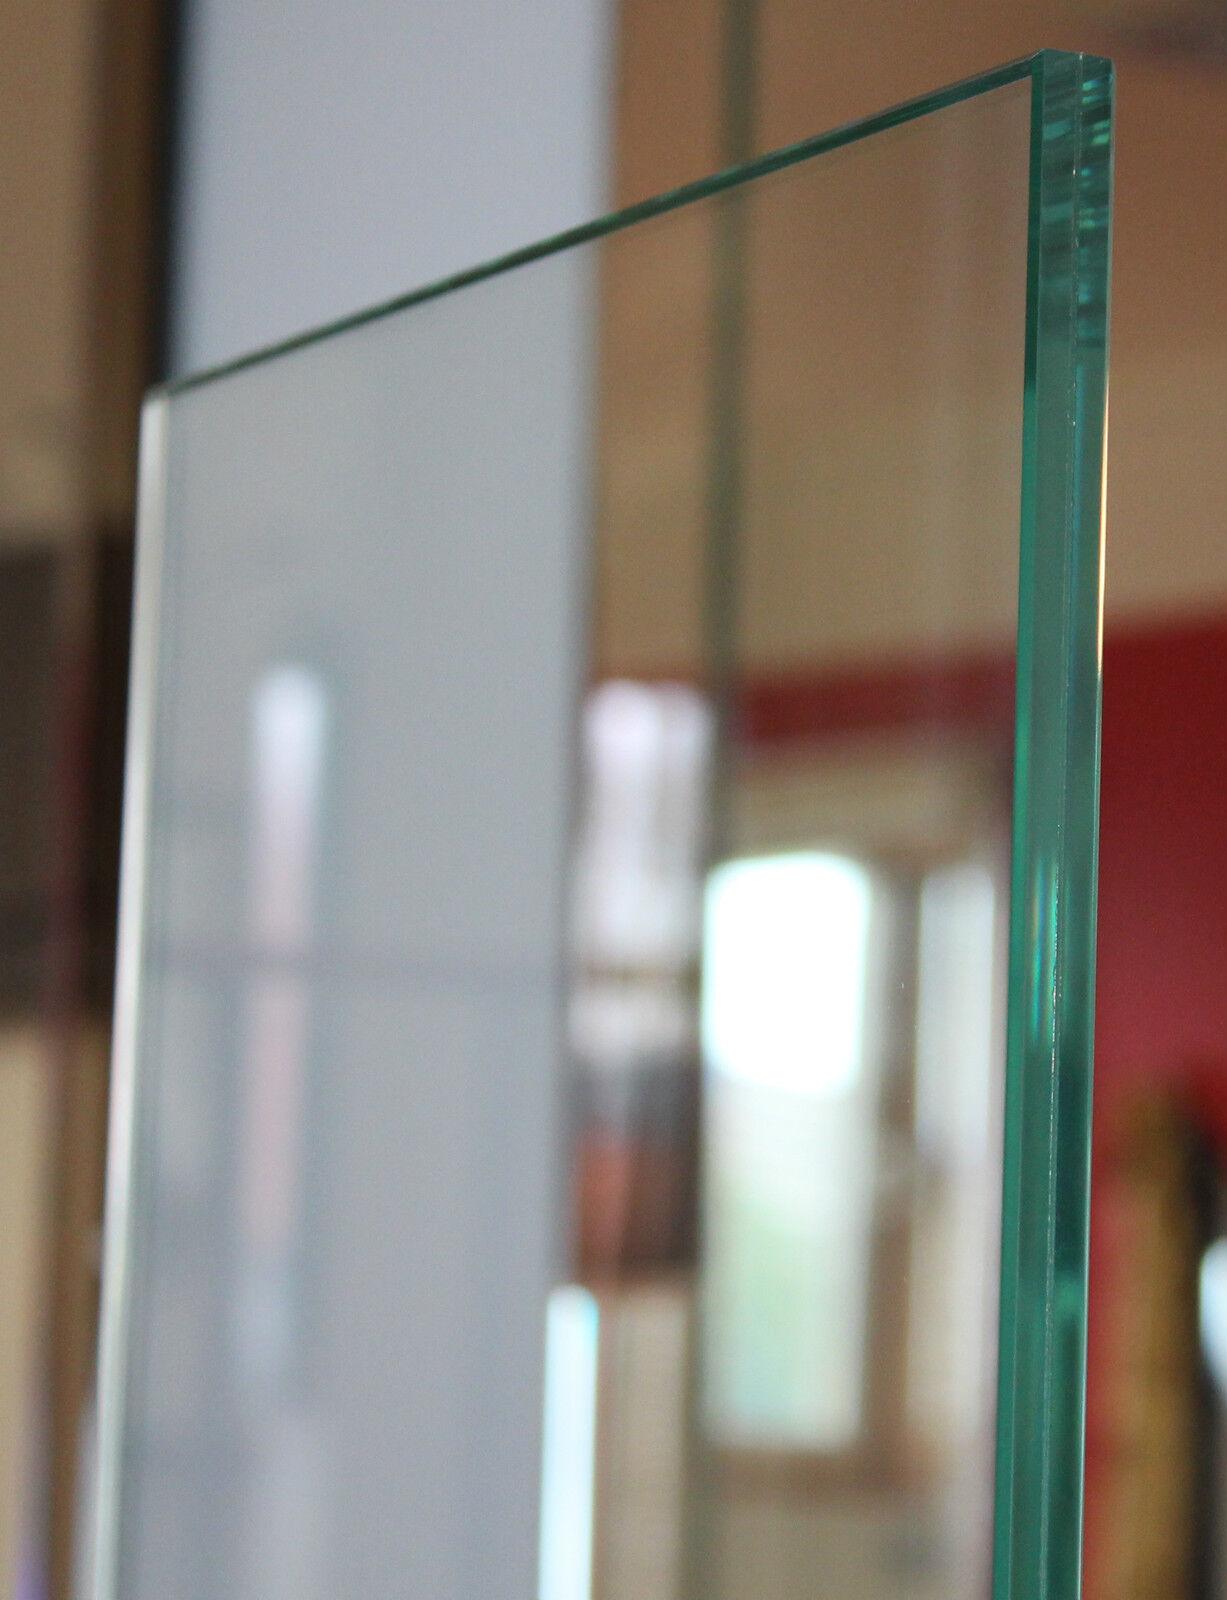 GLASPLATTE VSG SICHERHEITSGLAS 12MM 0,38 KLAR VERBUNDSICHERHEITSGLAS GLASSCHEIBE